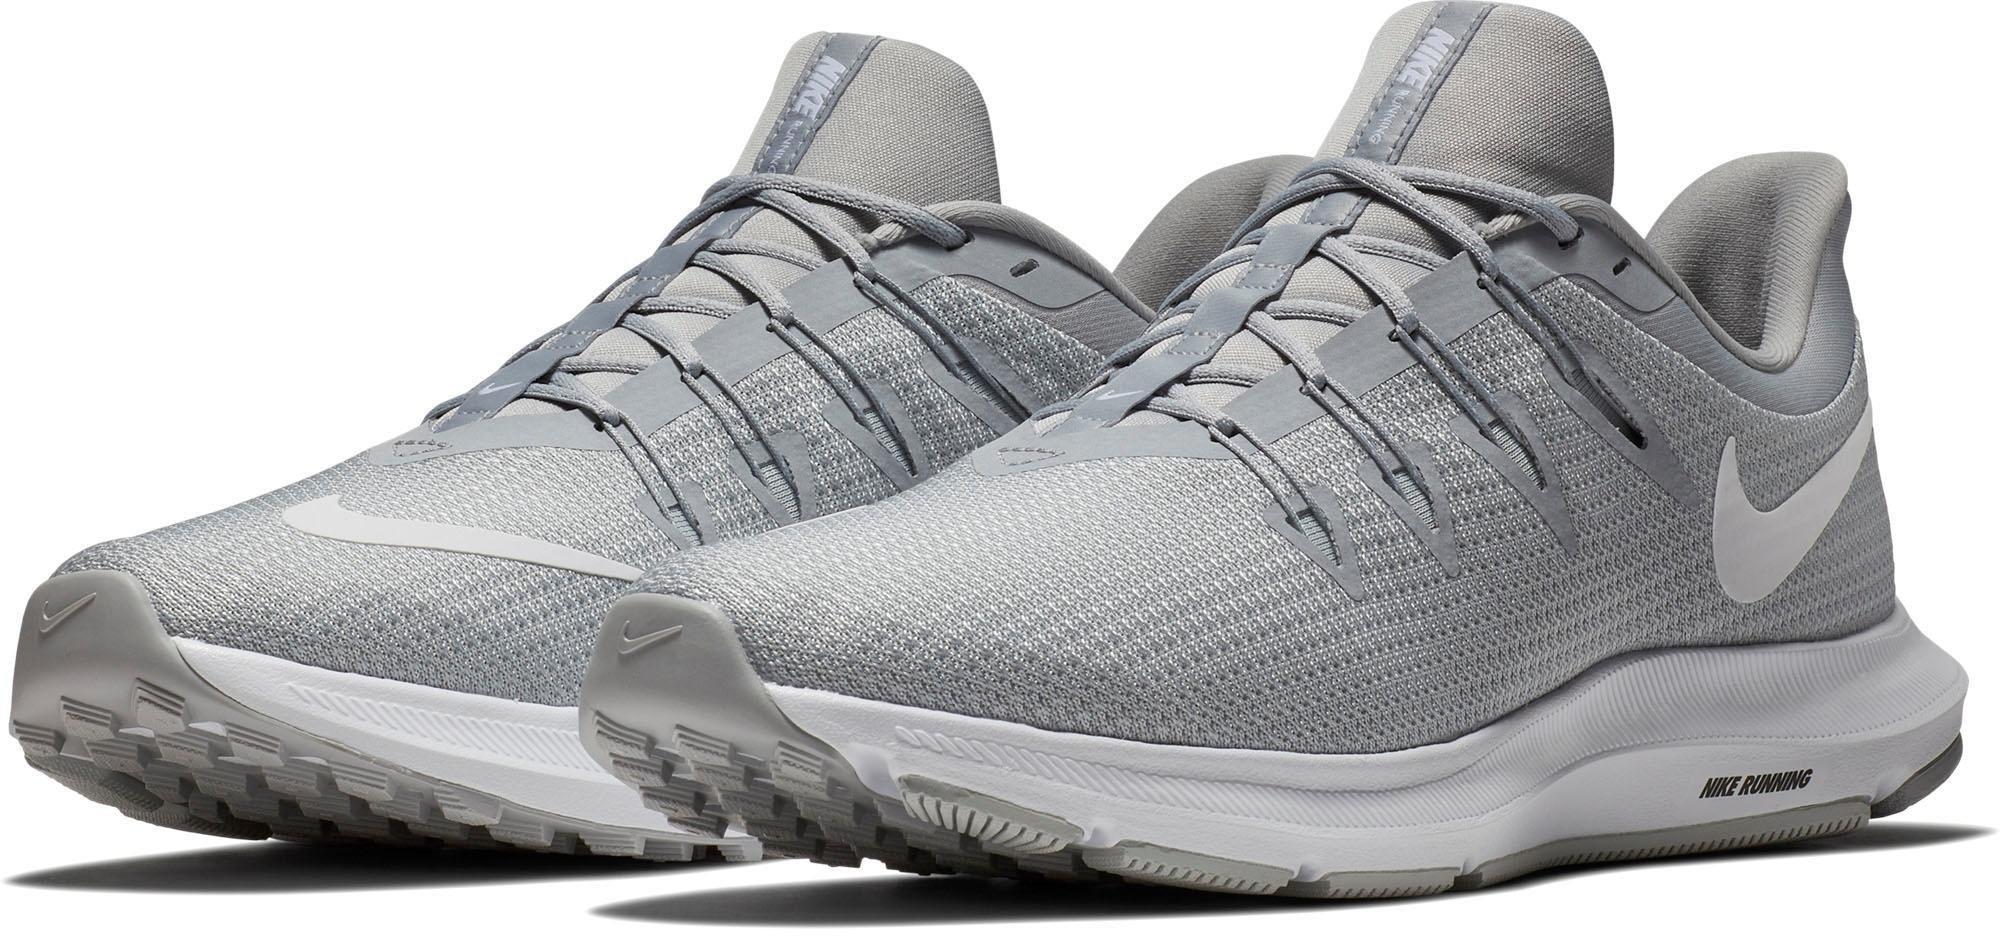 Nike runningschoenen »Quest« goedkoop op otto.nl kopen